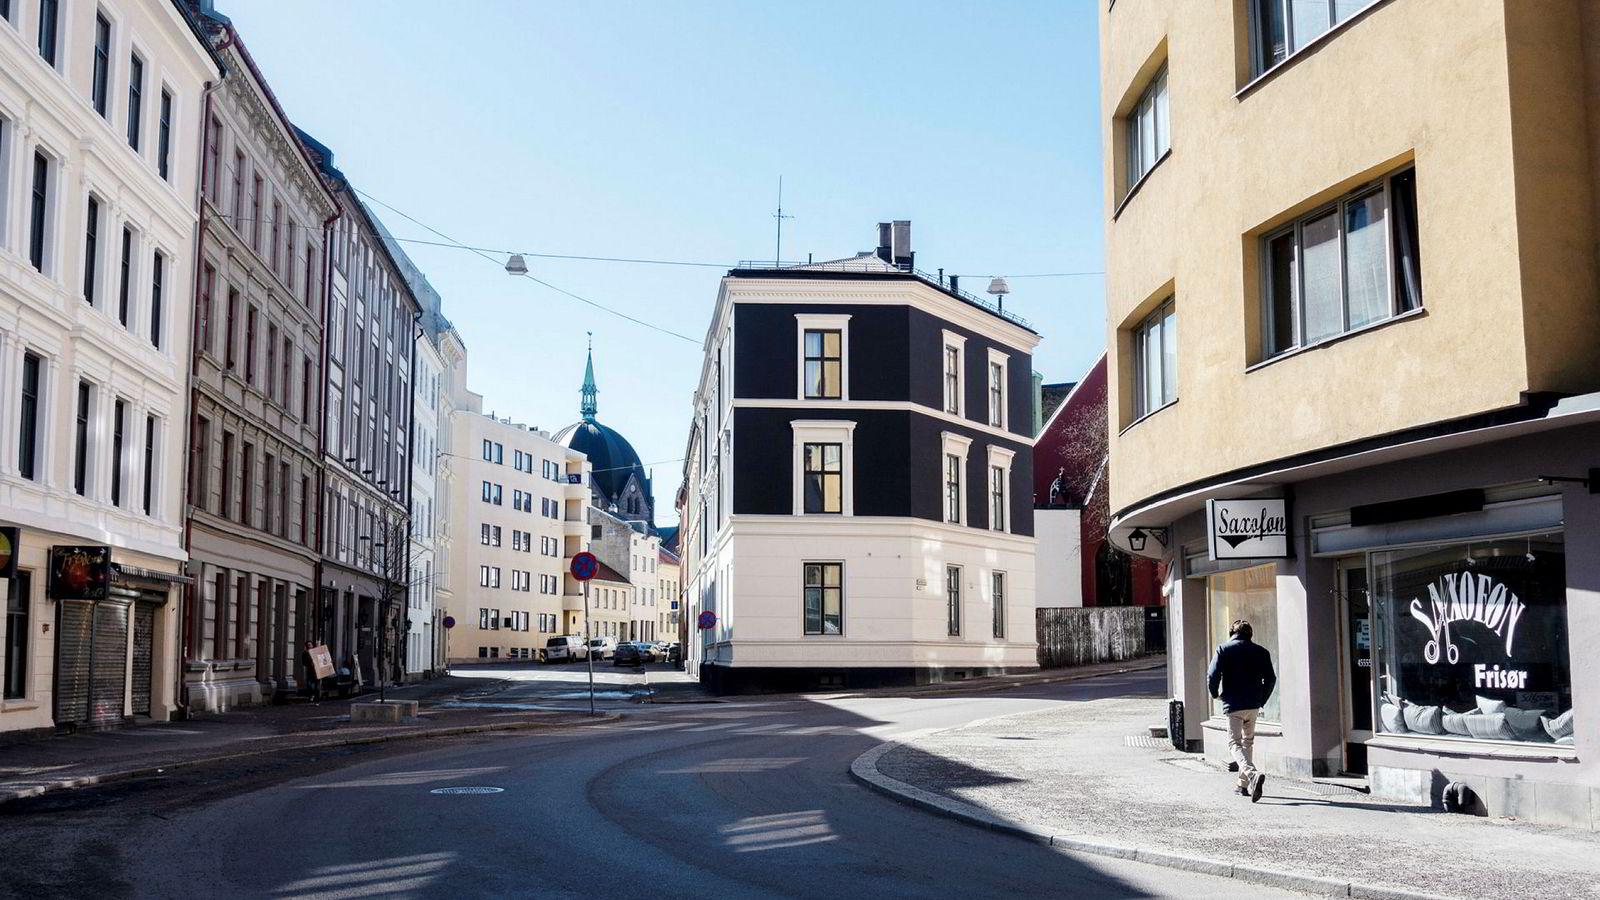 Den nettbaserte boligformidleren Propr ligger foreløpig langt bak tidligere uttalte ambisjoner.